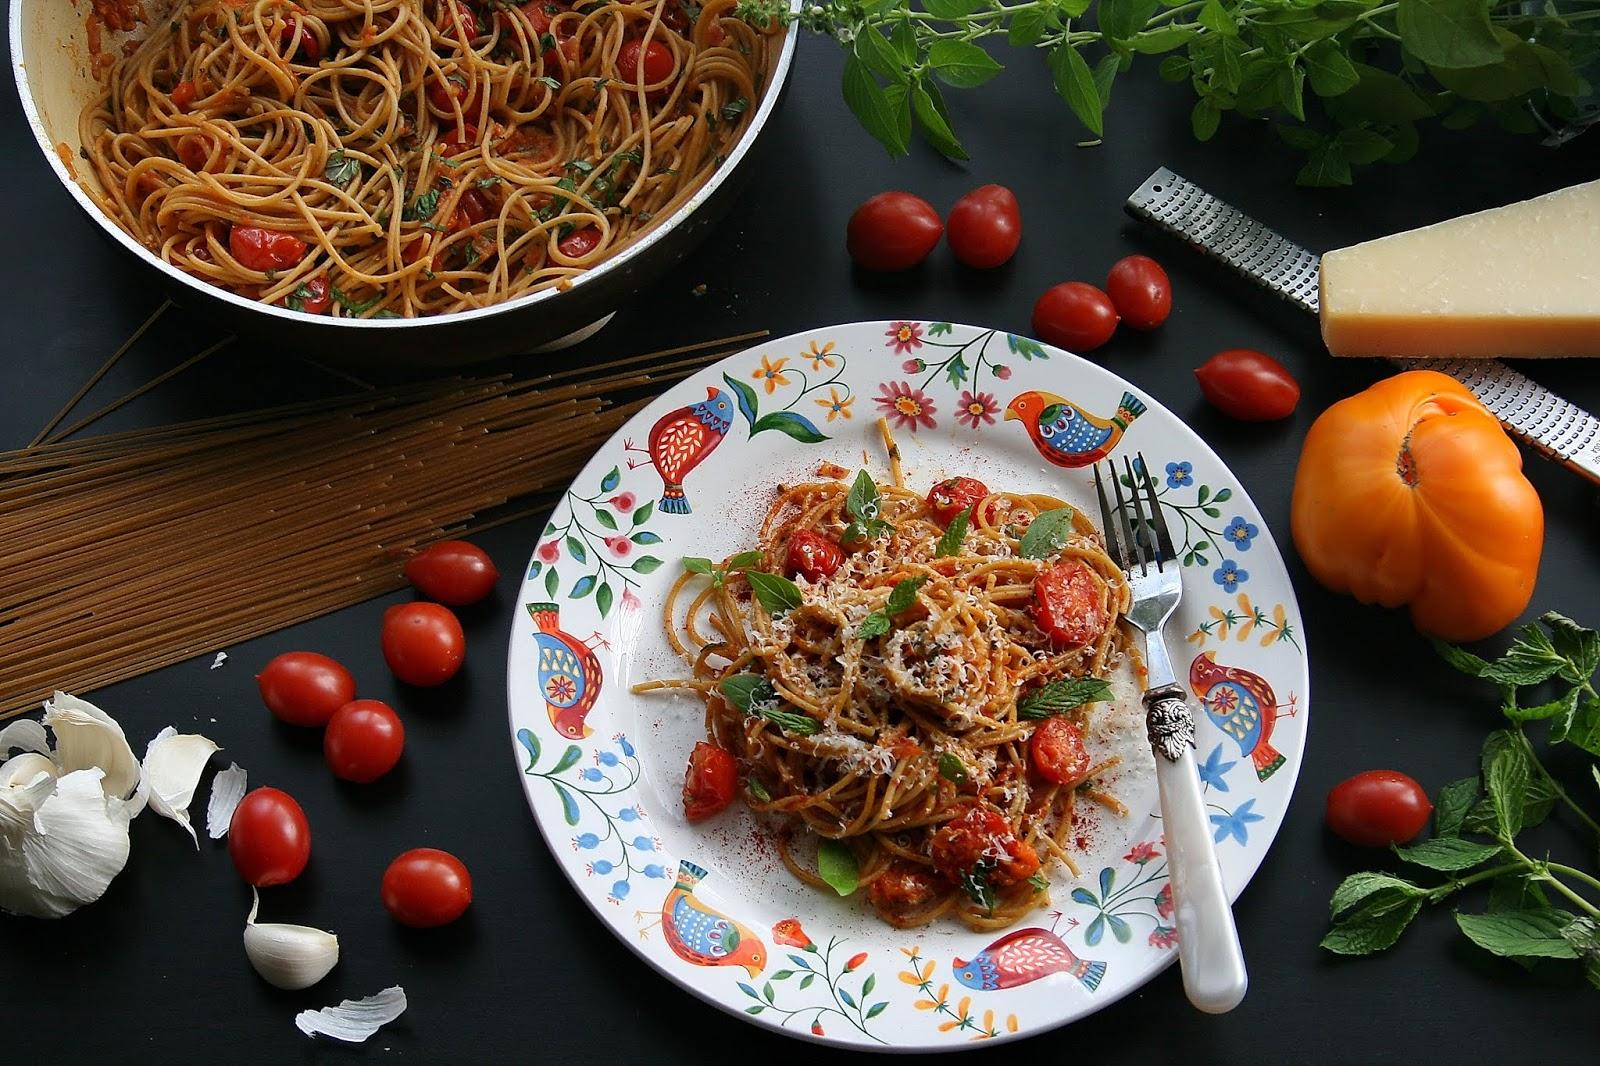 Spaghetti pełnoziarniste w pomidorach żółto czerwonych